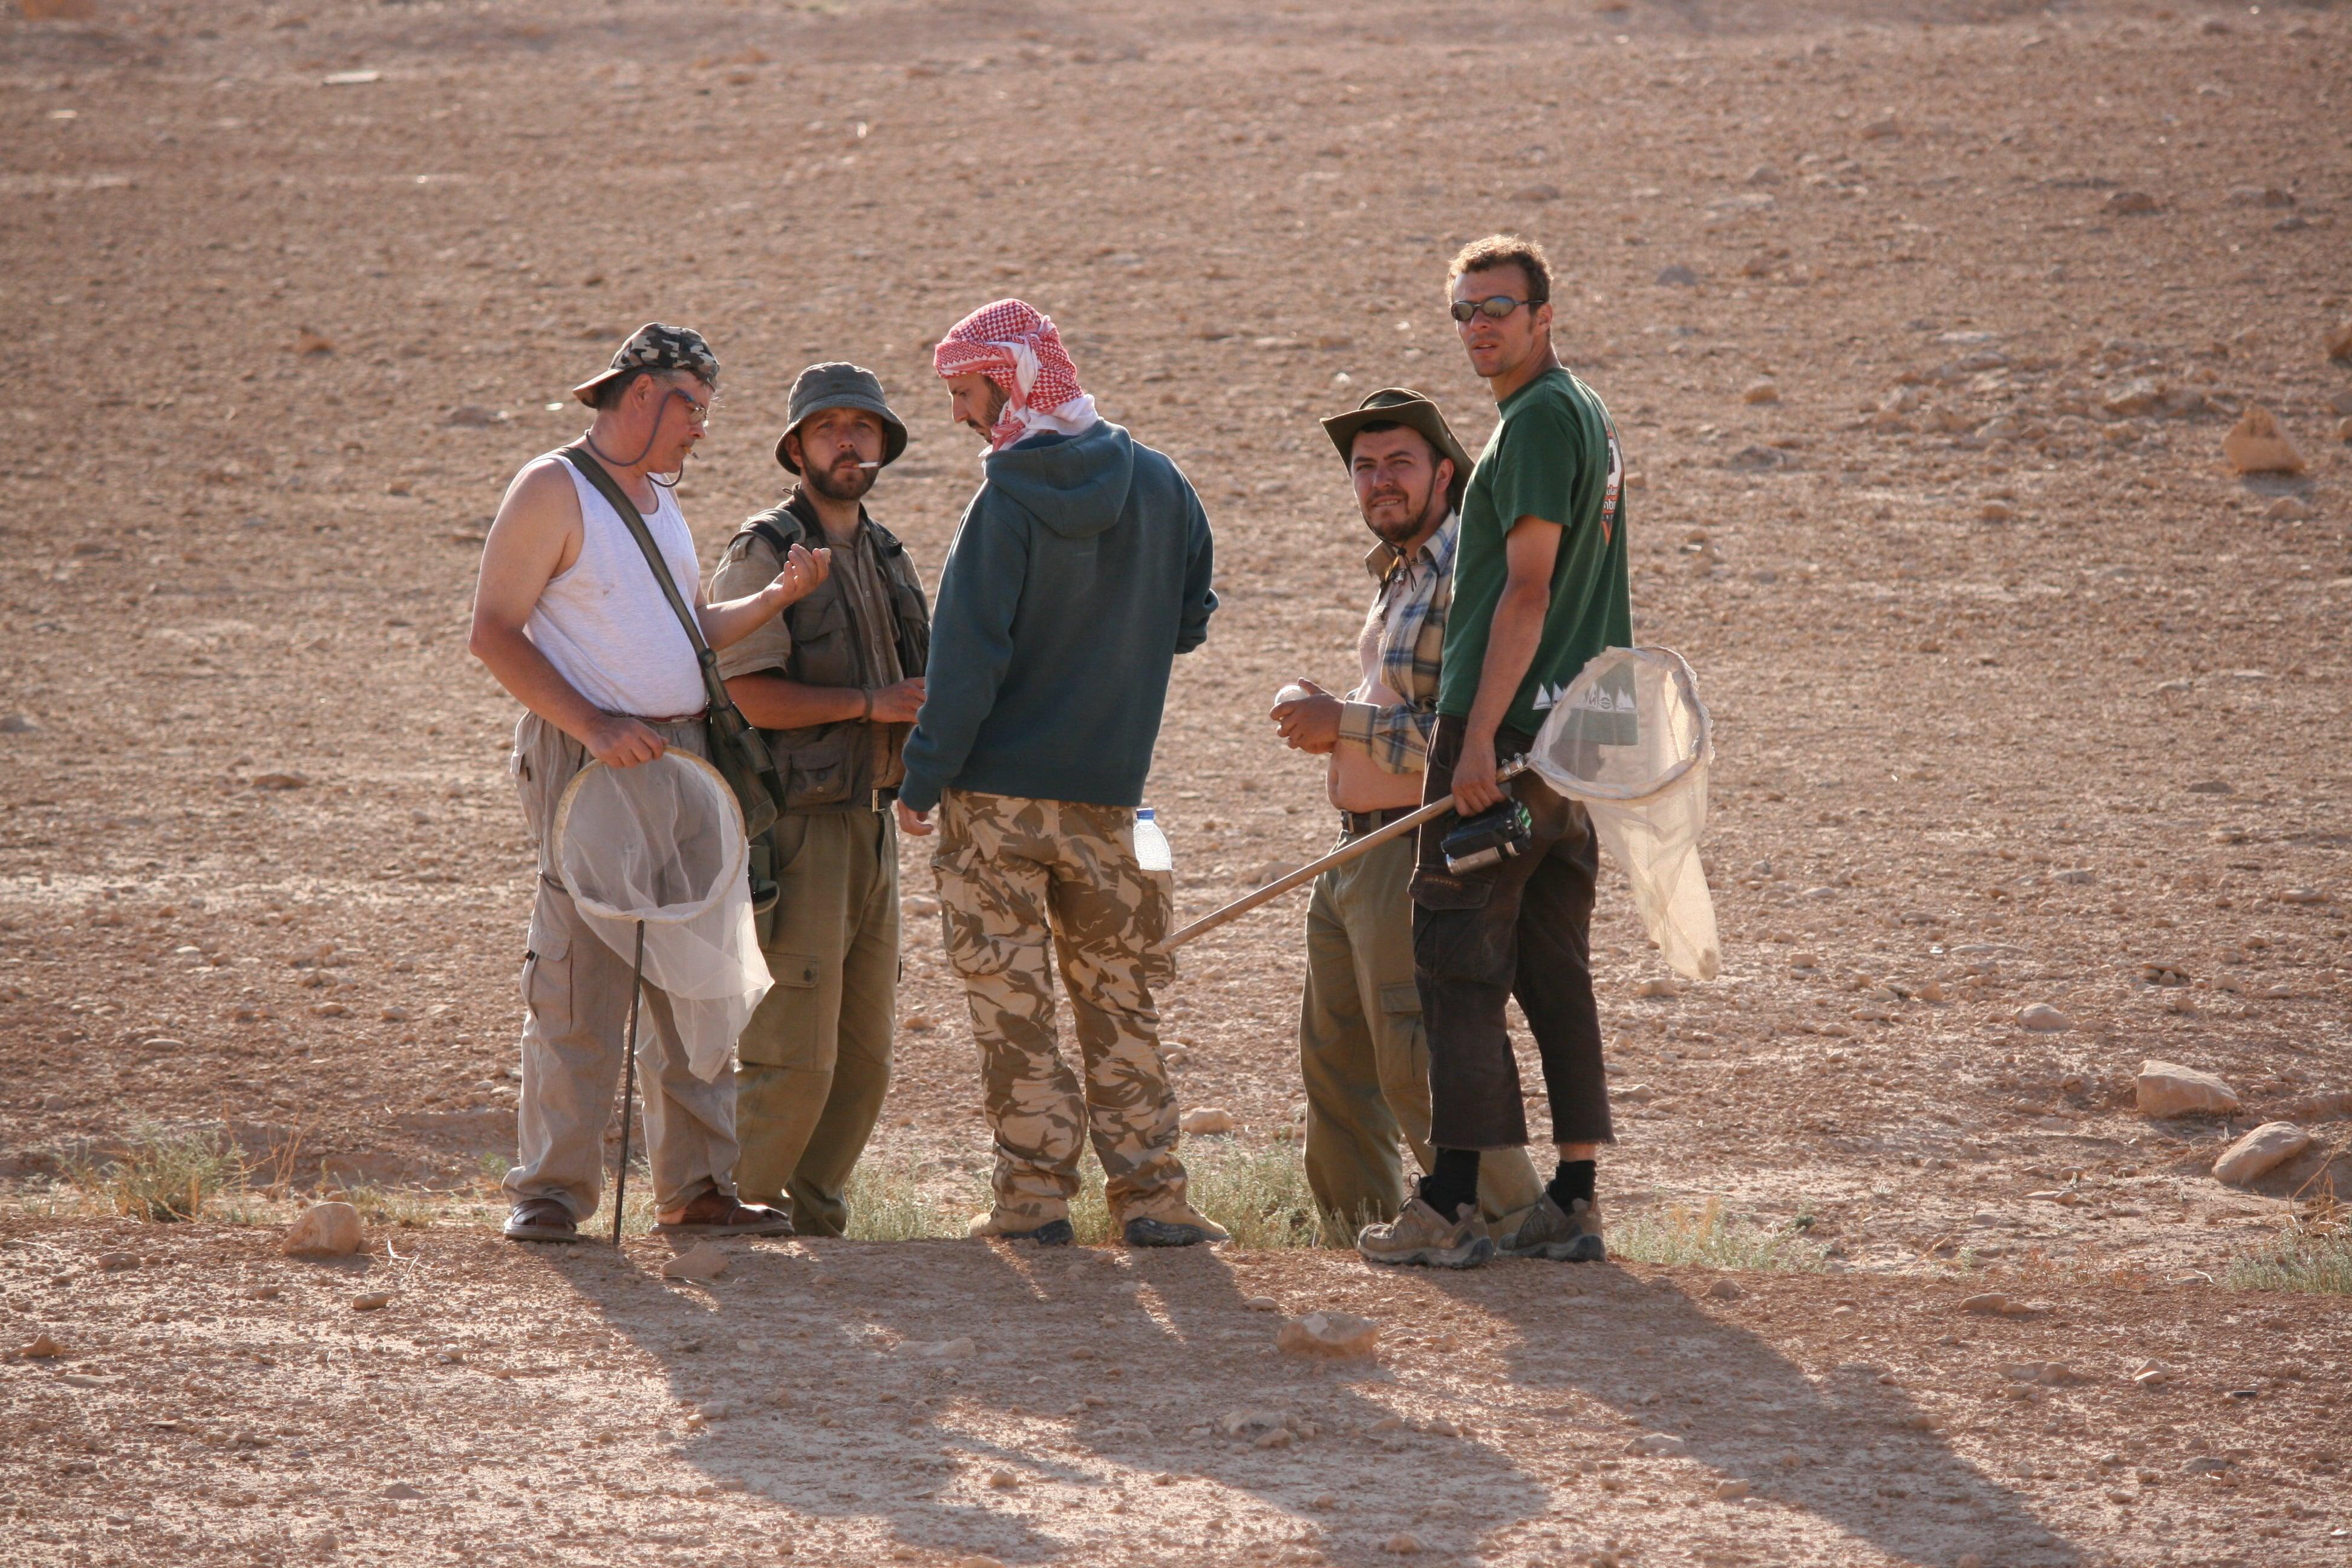 O parte dintre membrii expediției. De la stânga la dreapta: dr. Corneliu Pârvu, dr. Răzvan Popescu Mirceni, Răzvan Zaharia și Petre Bogdan Matei